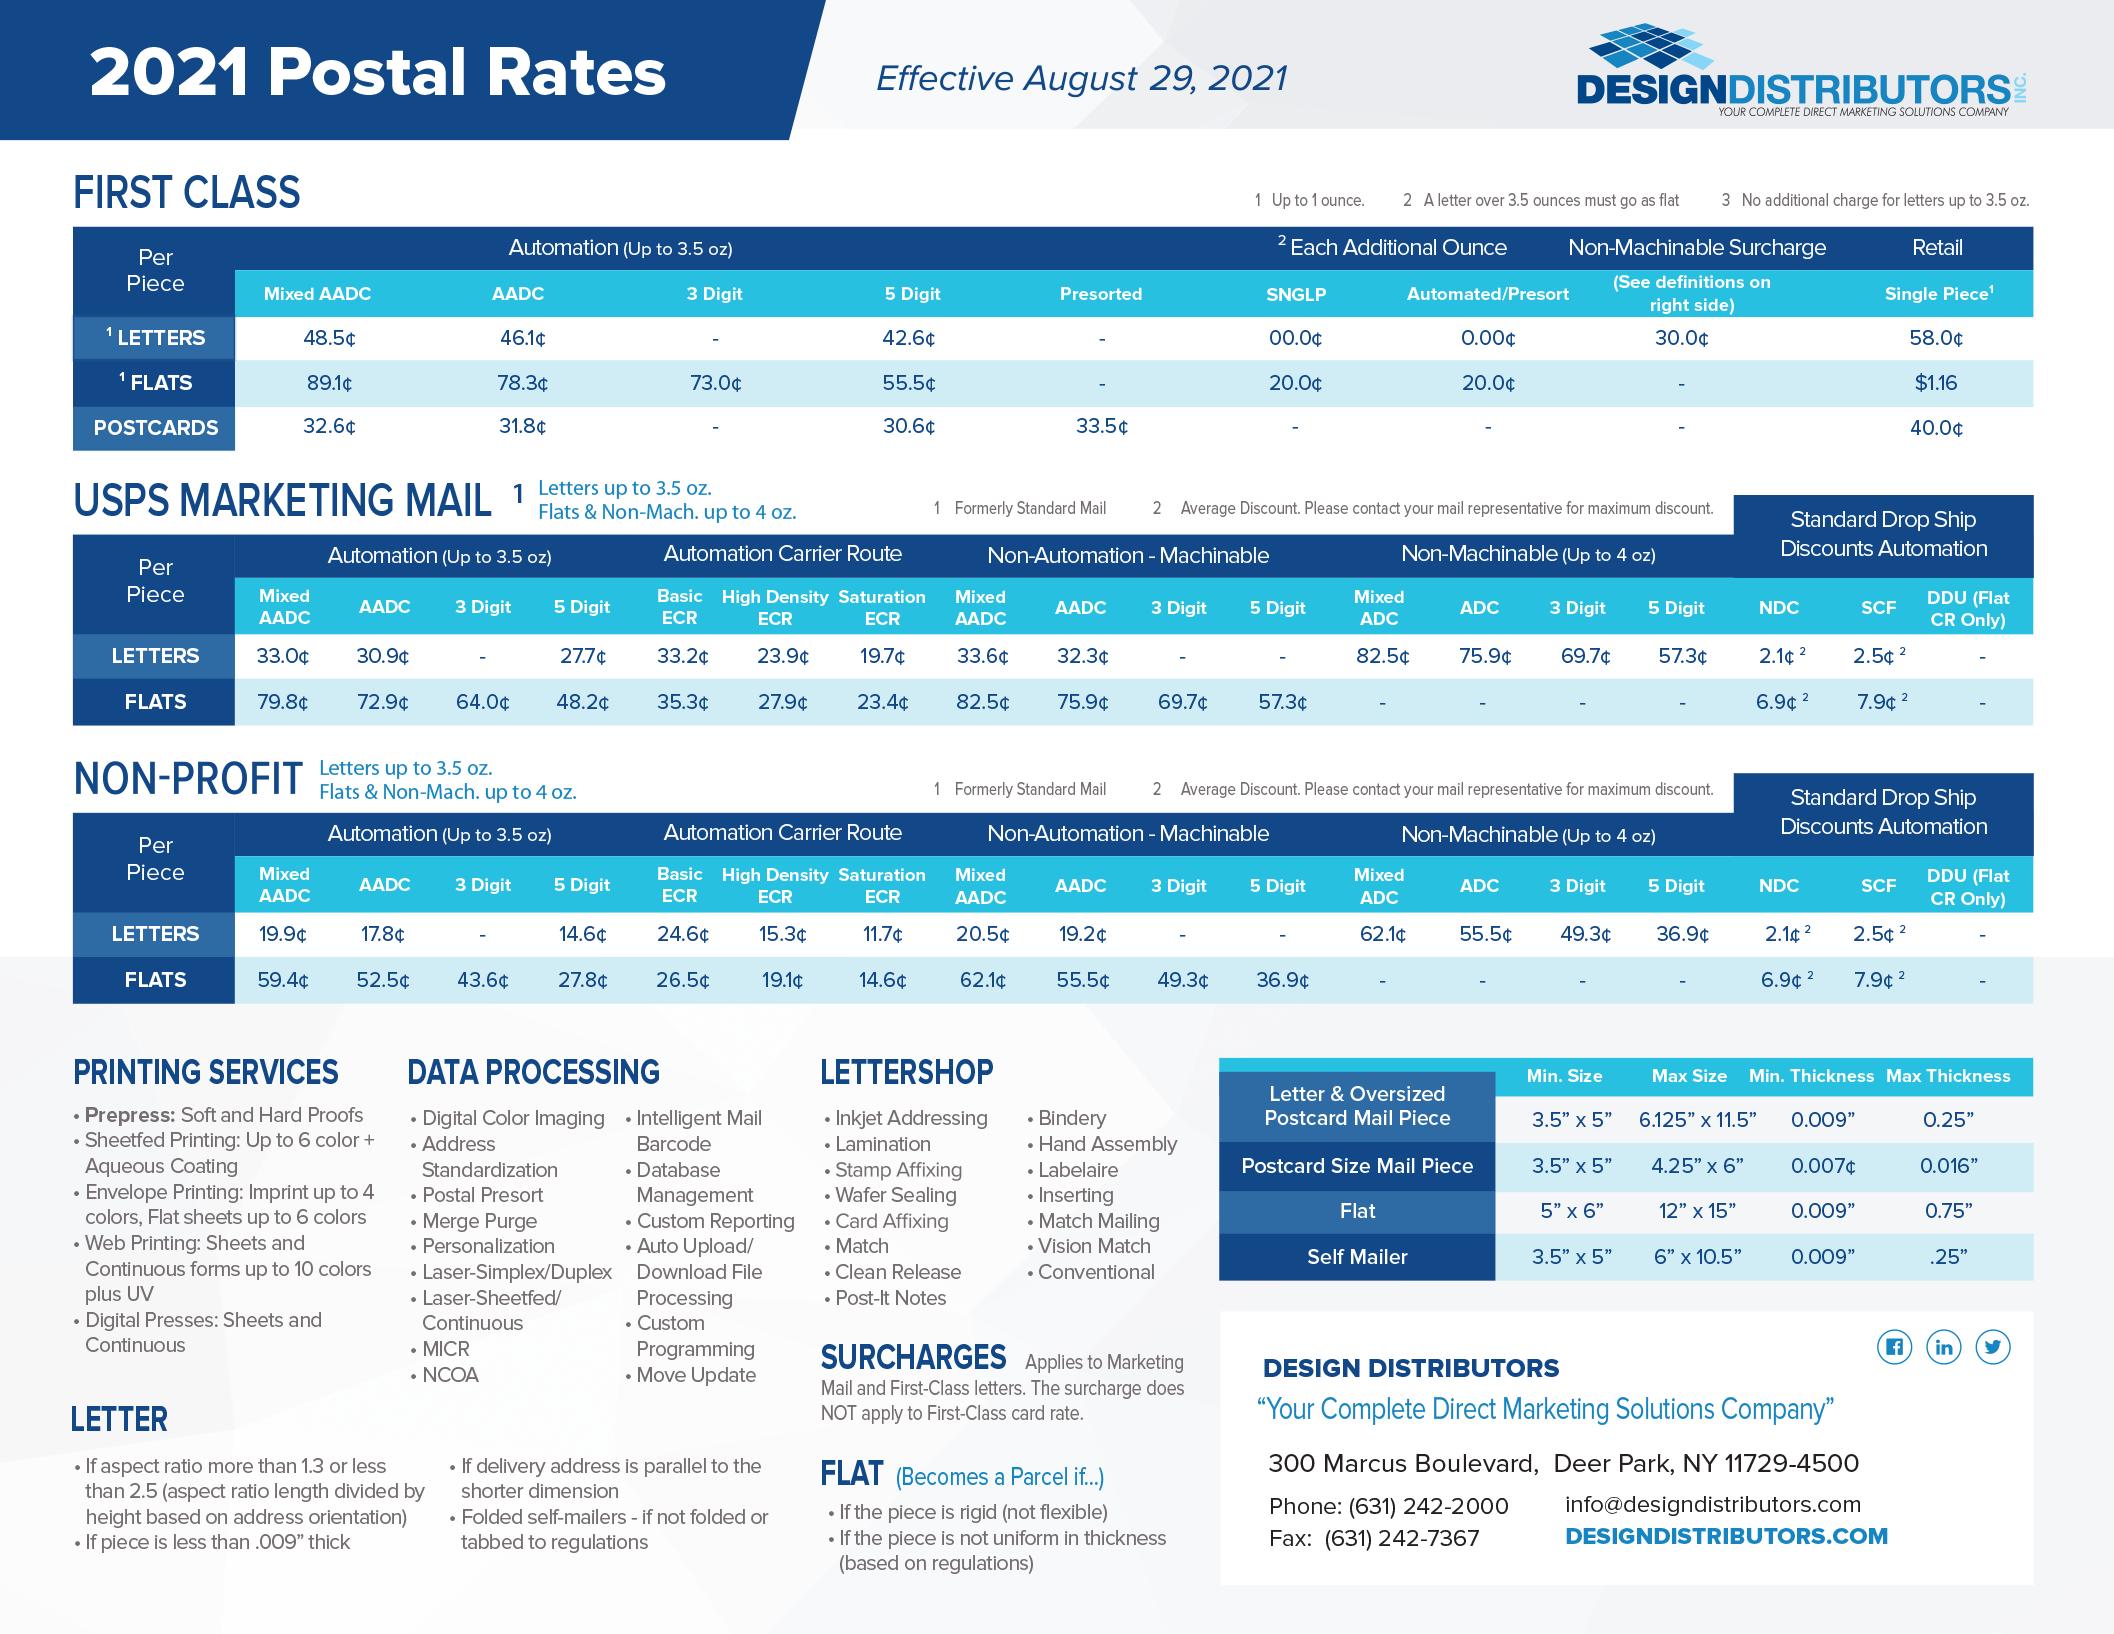 DDI 2021 Postal Rates